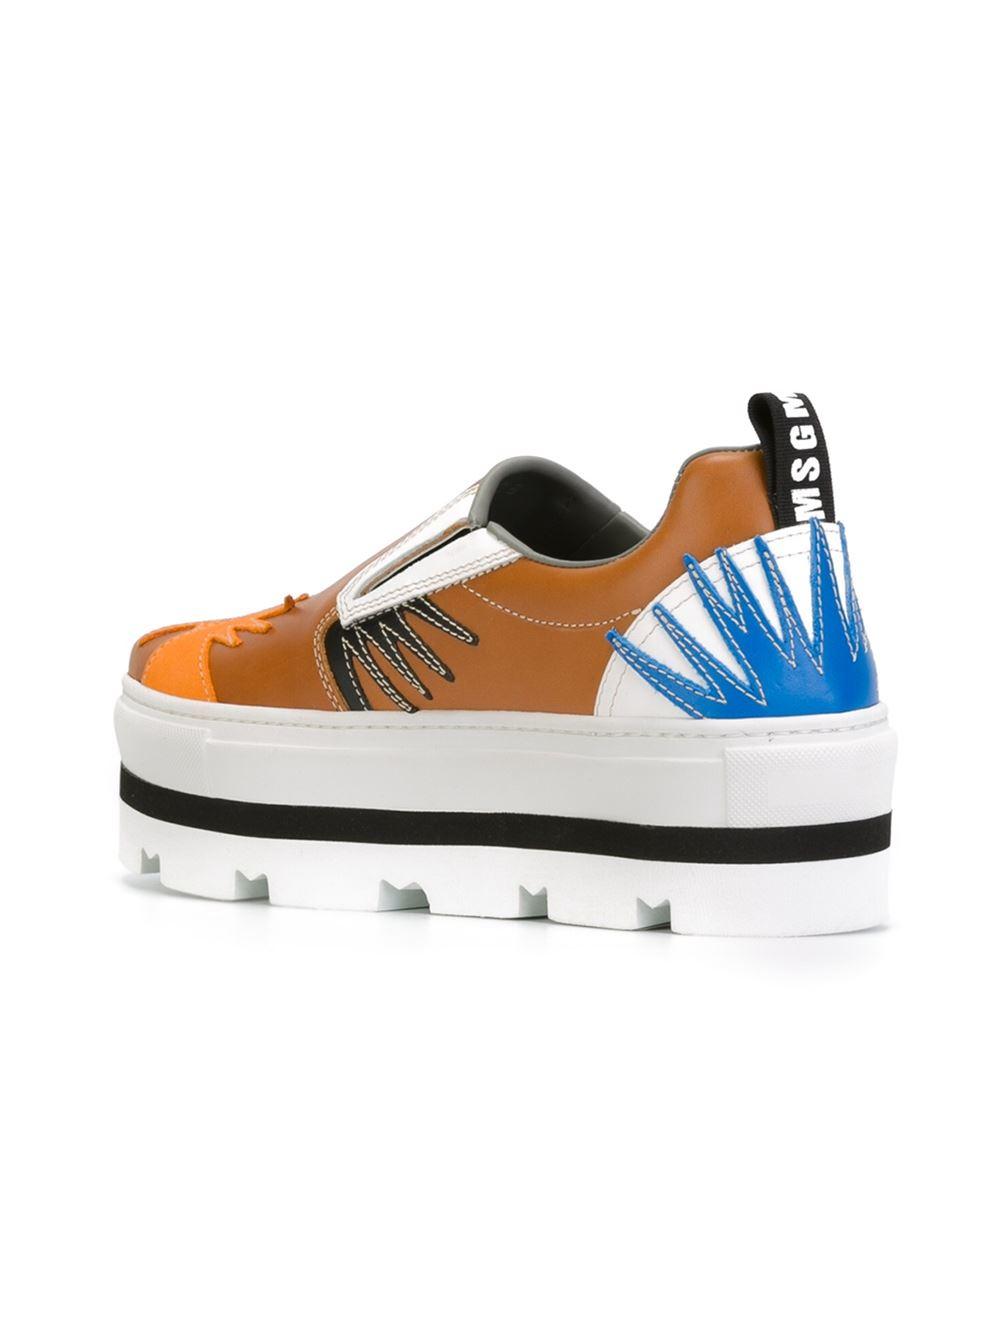 Sneakers Shoes Women Chiara